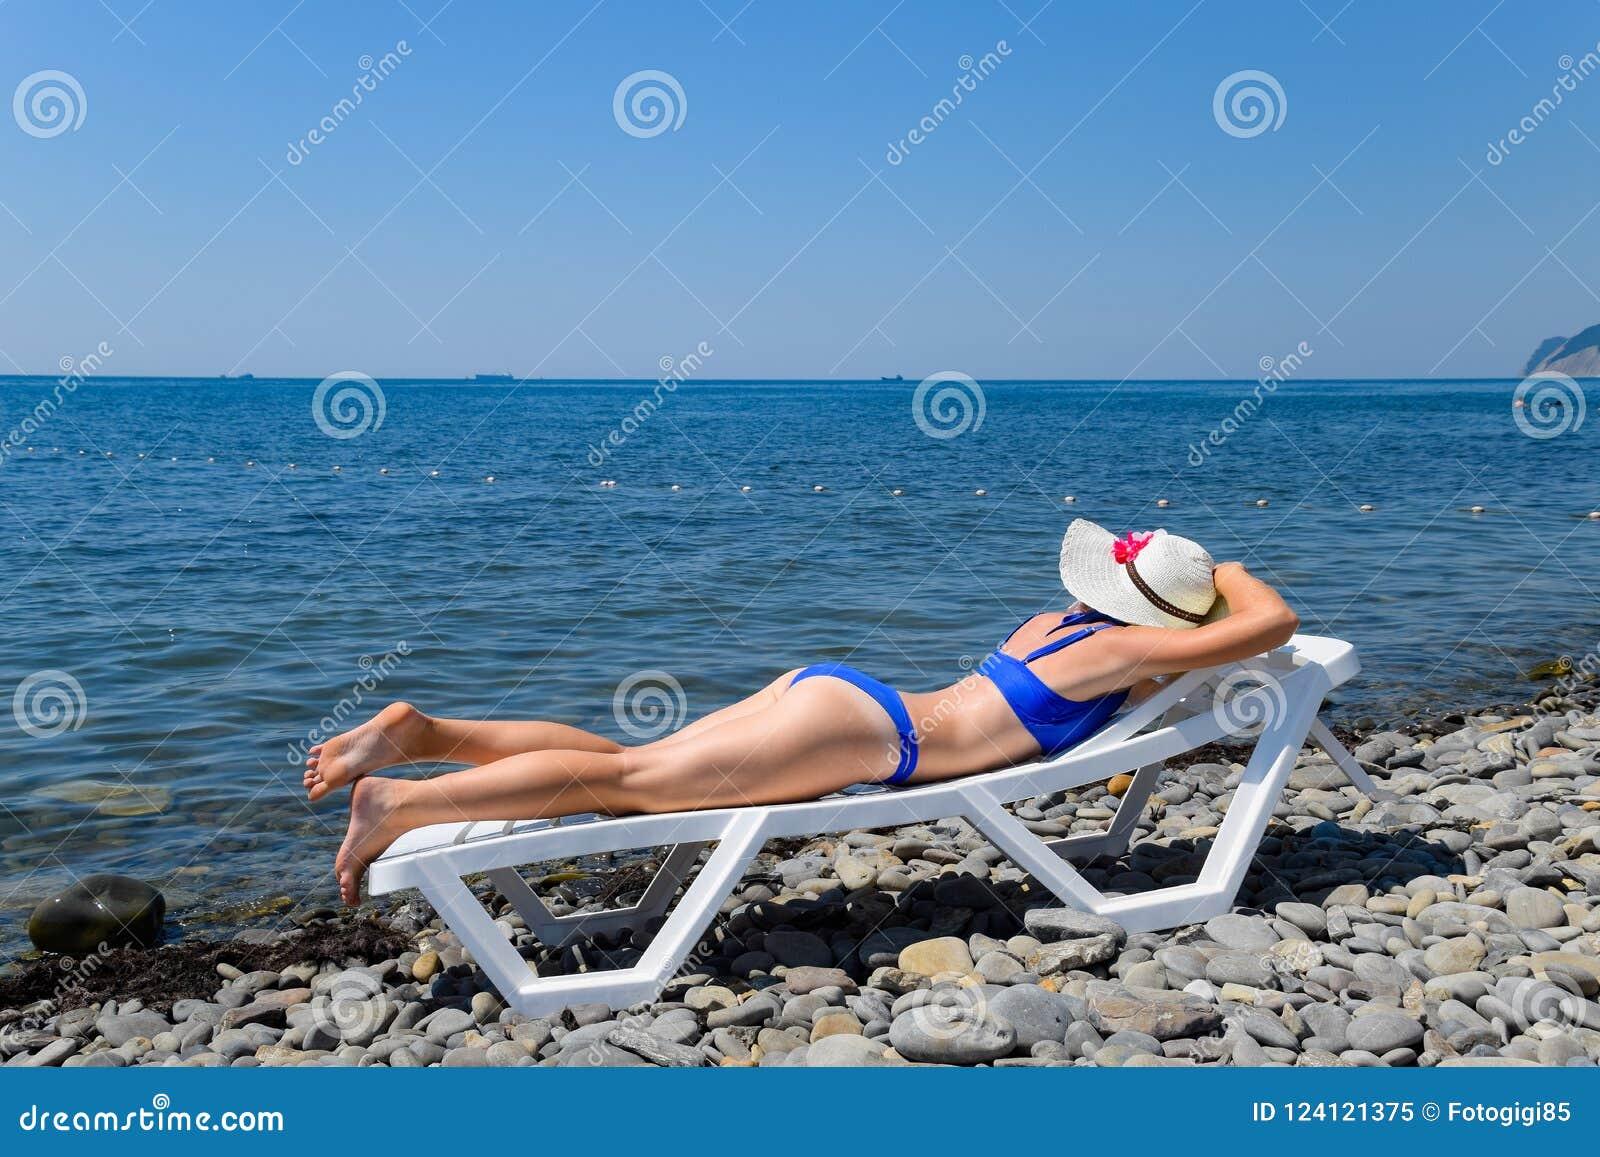 Короткостриженная блондинка на пляже — img 13